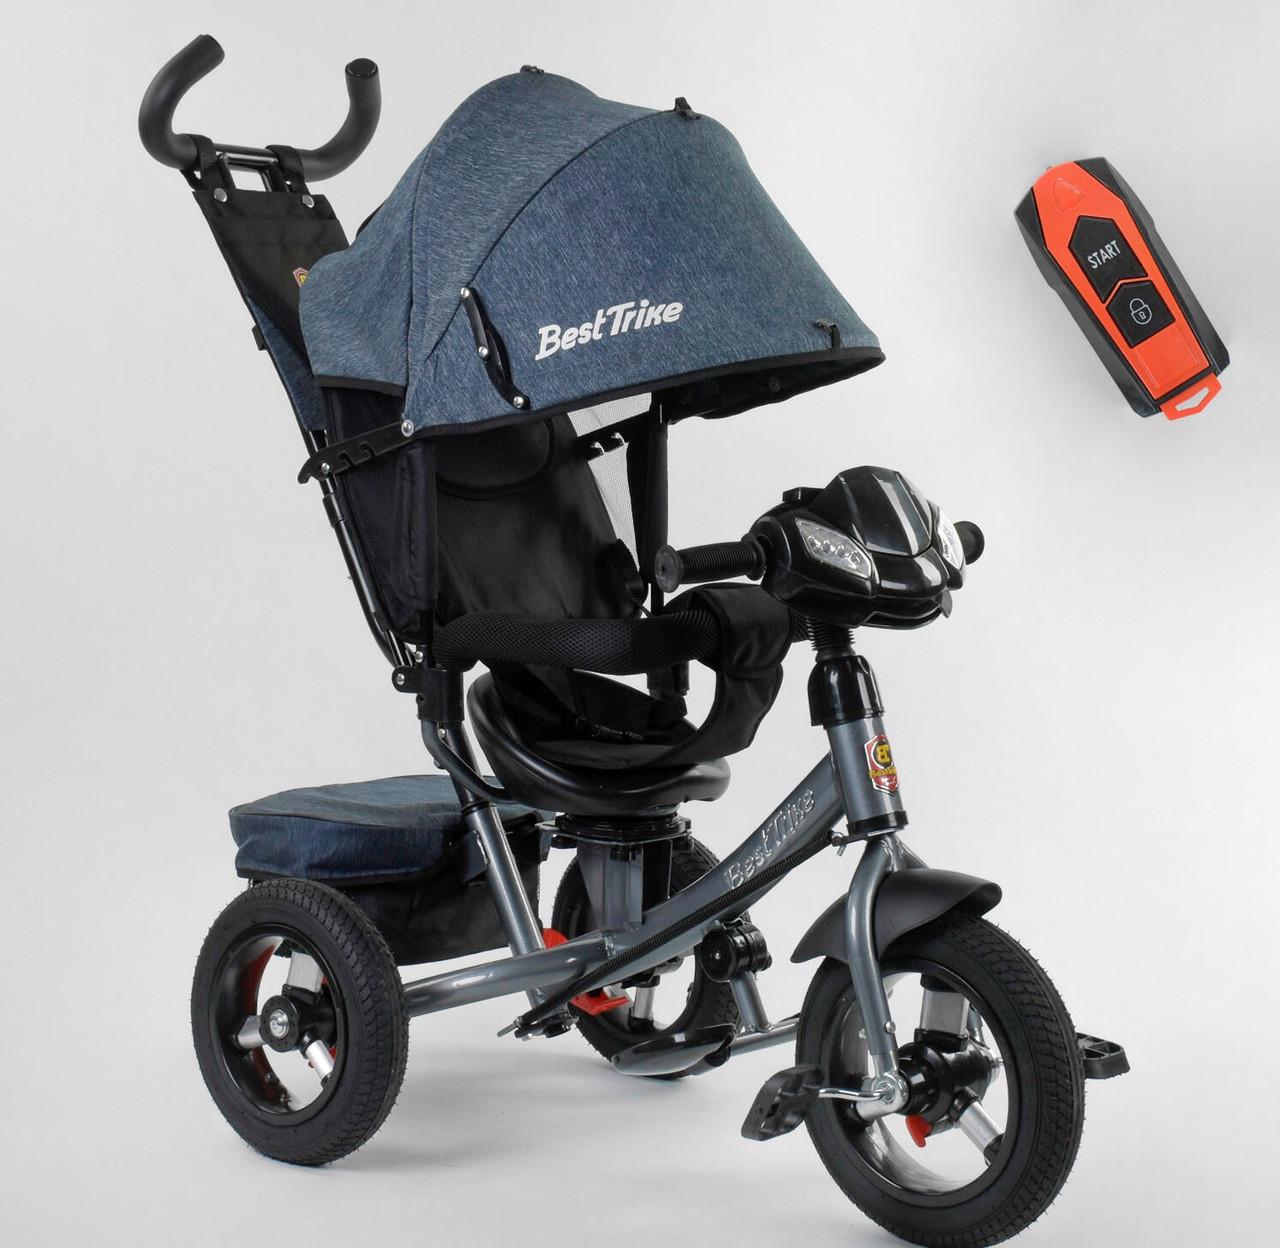 Трехколесный велосипед Best Trike  7700 В / 73-019 Гарантия качества Быстрая доставка